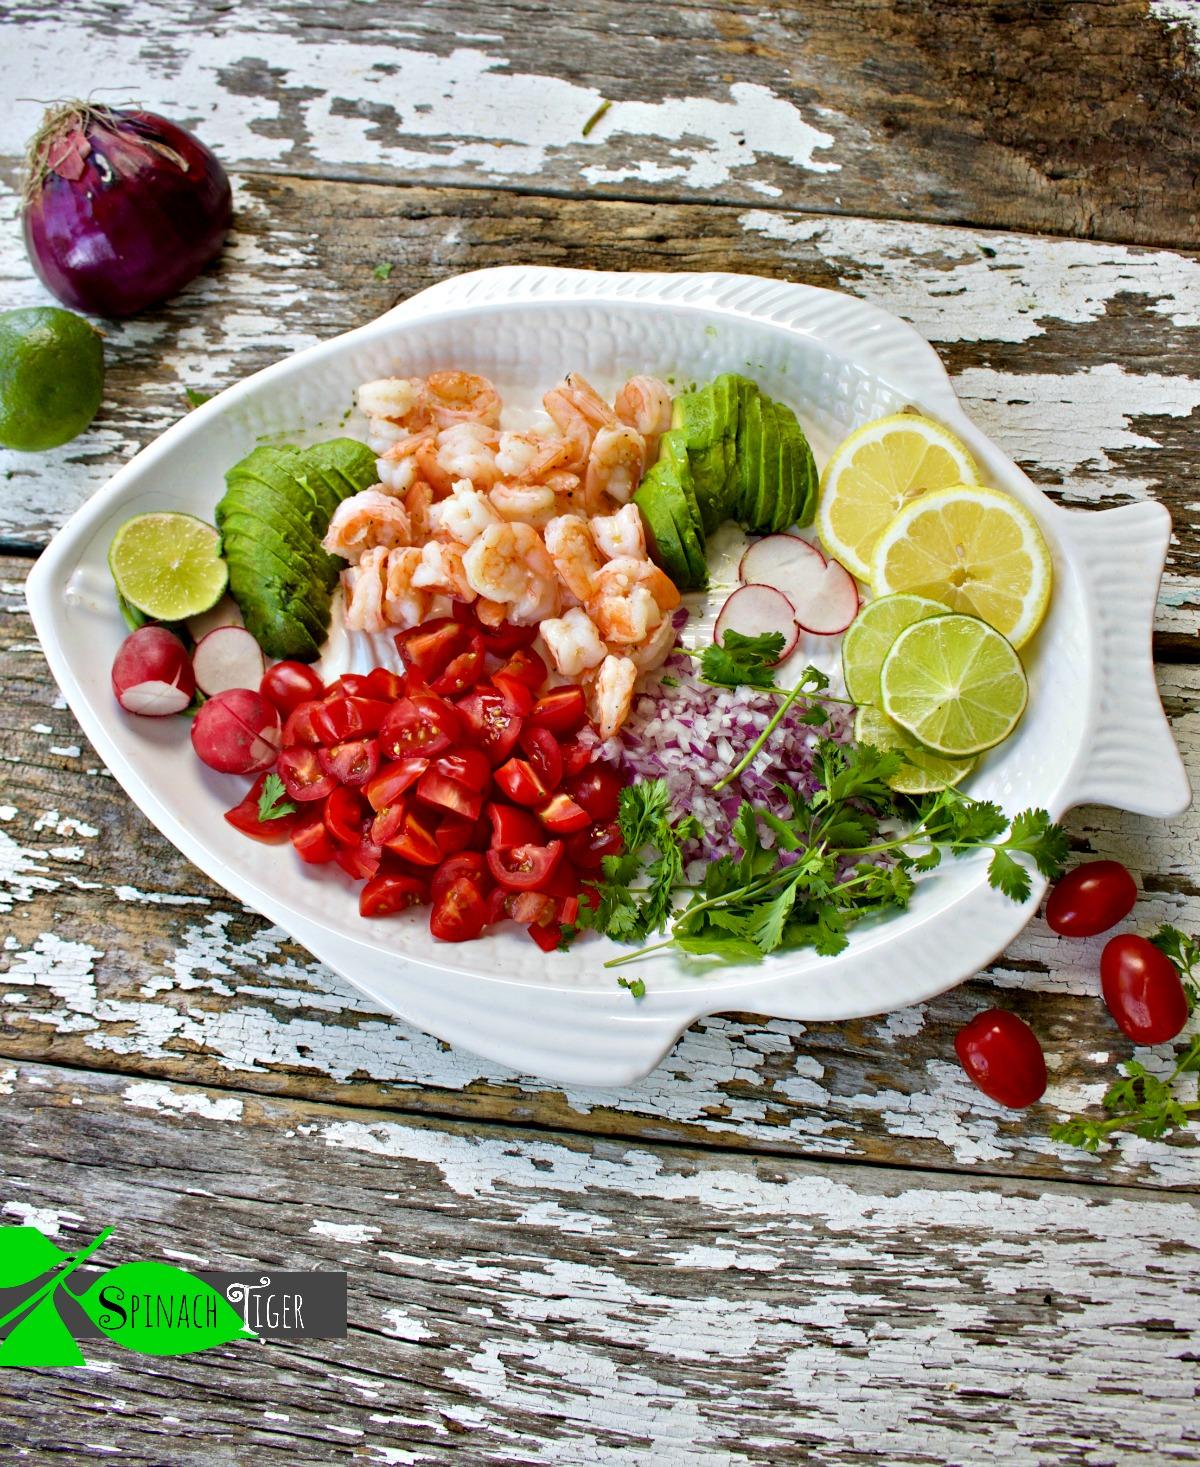 Delicious Shrimp Avocado Salad Recipe from Spinach Tiger